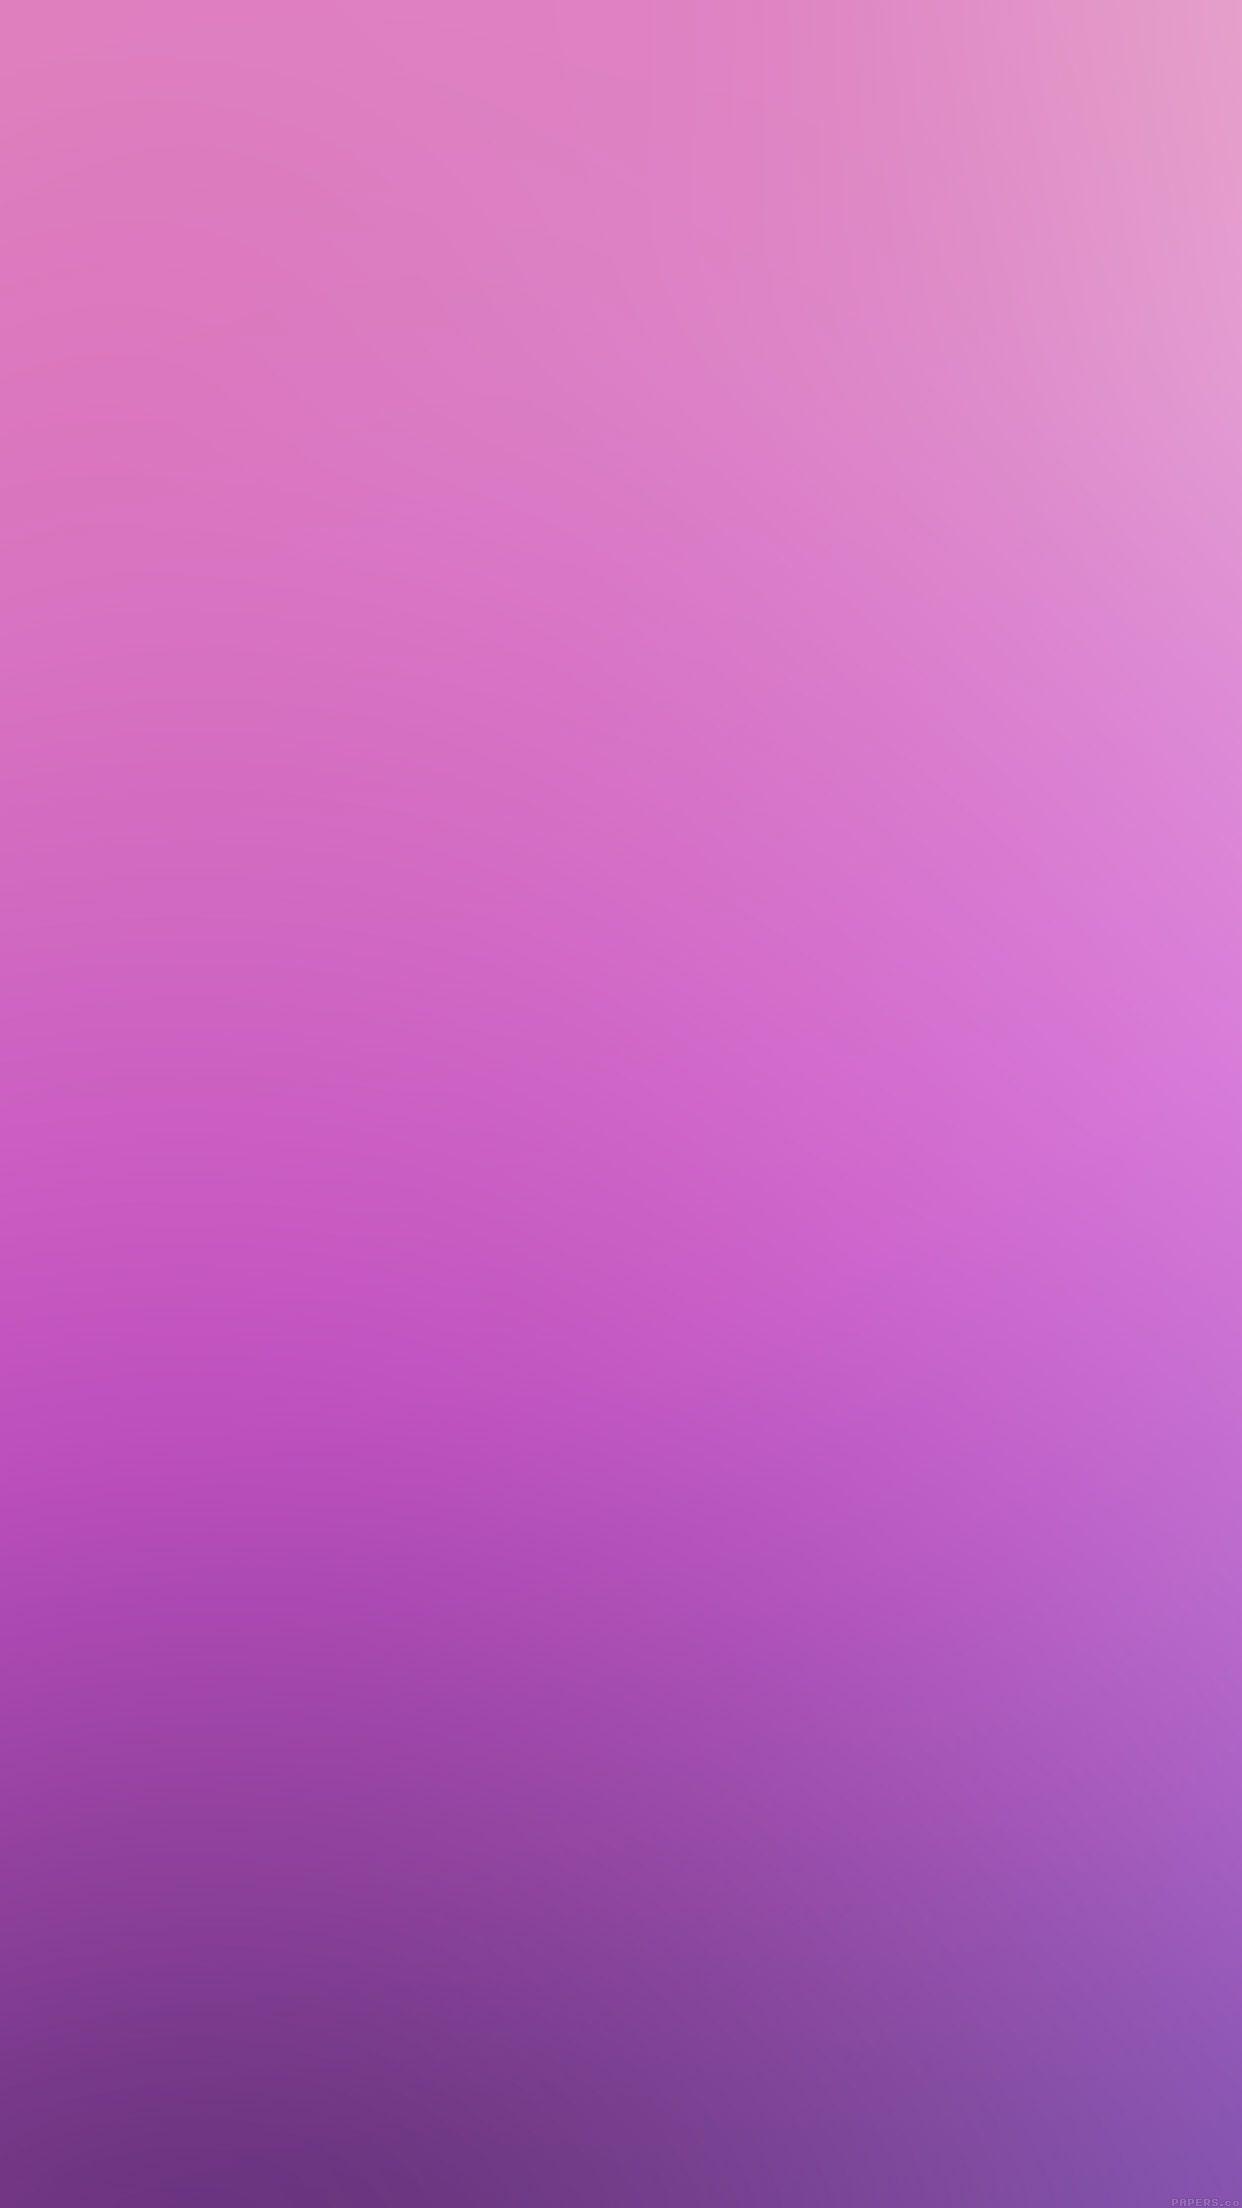 5 fonds d'écran rose pour iPhone (dont iPhone 6), iPod et iPad